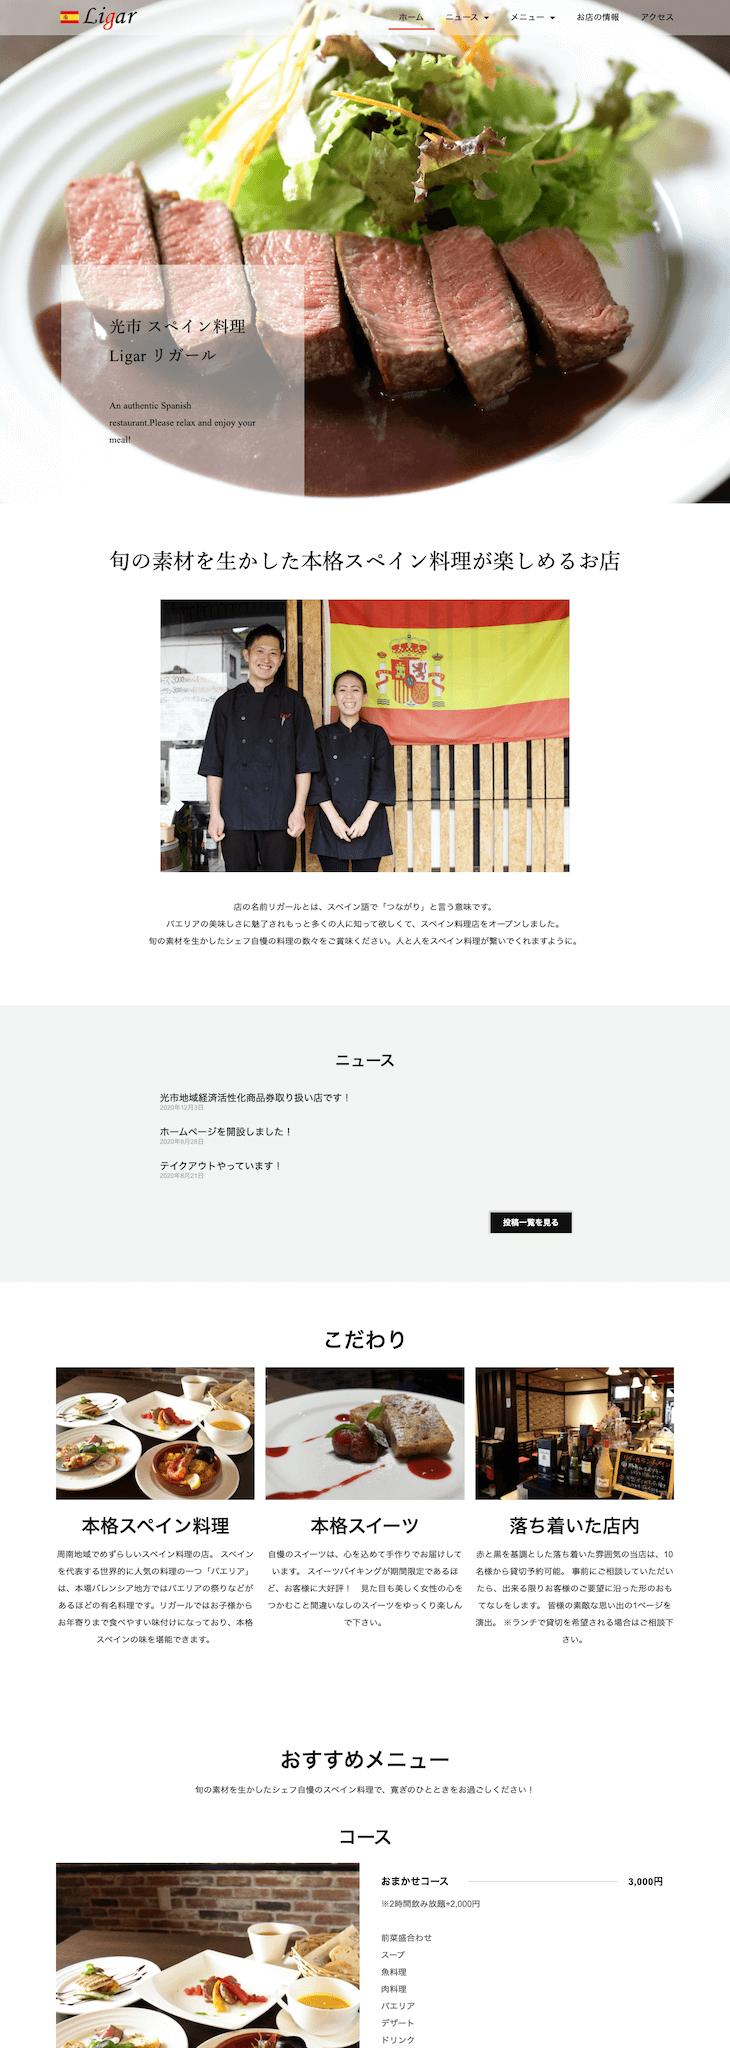 リガール ホームページ キャプチャー画像